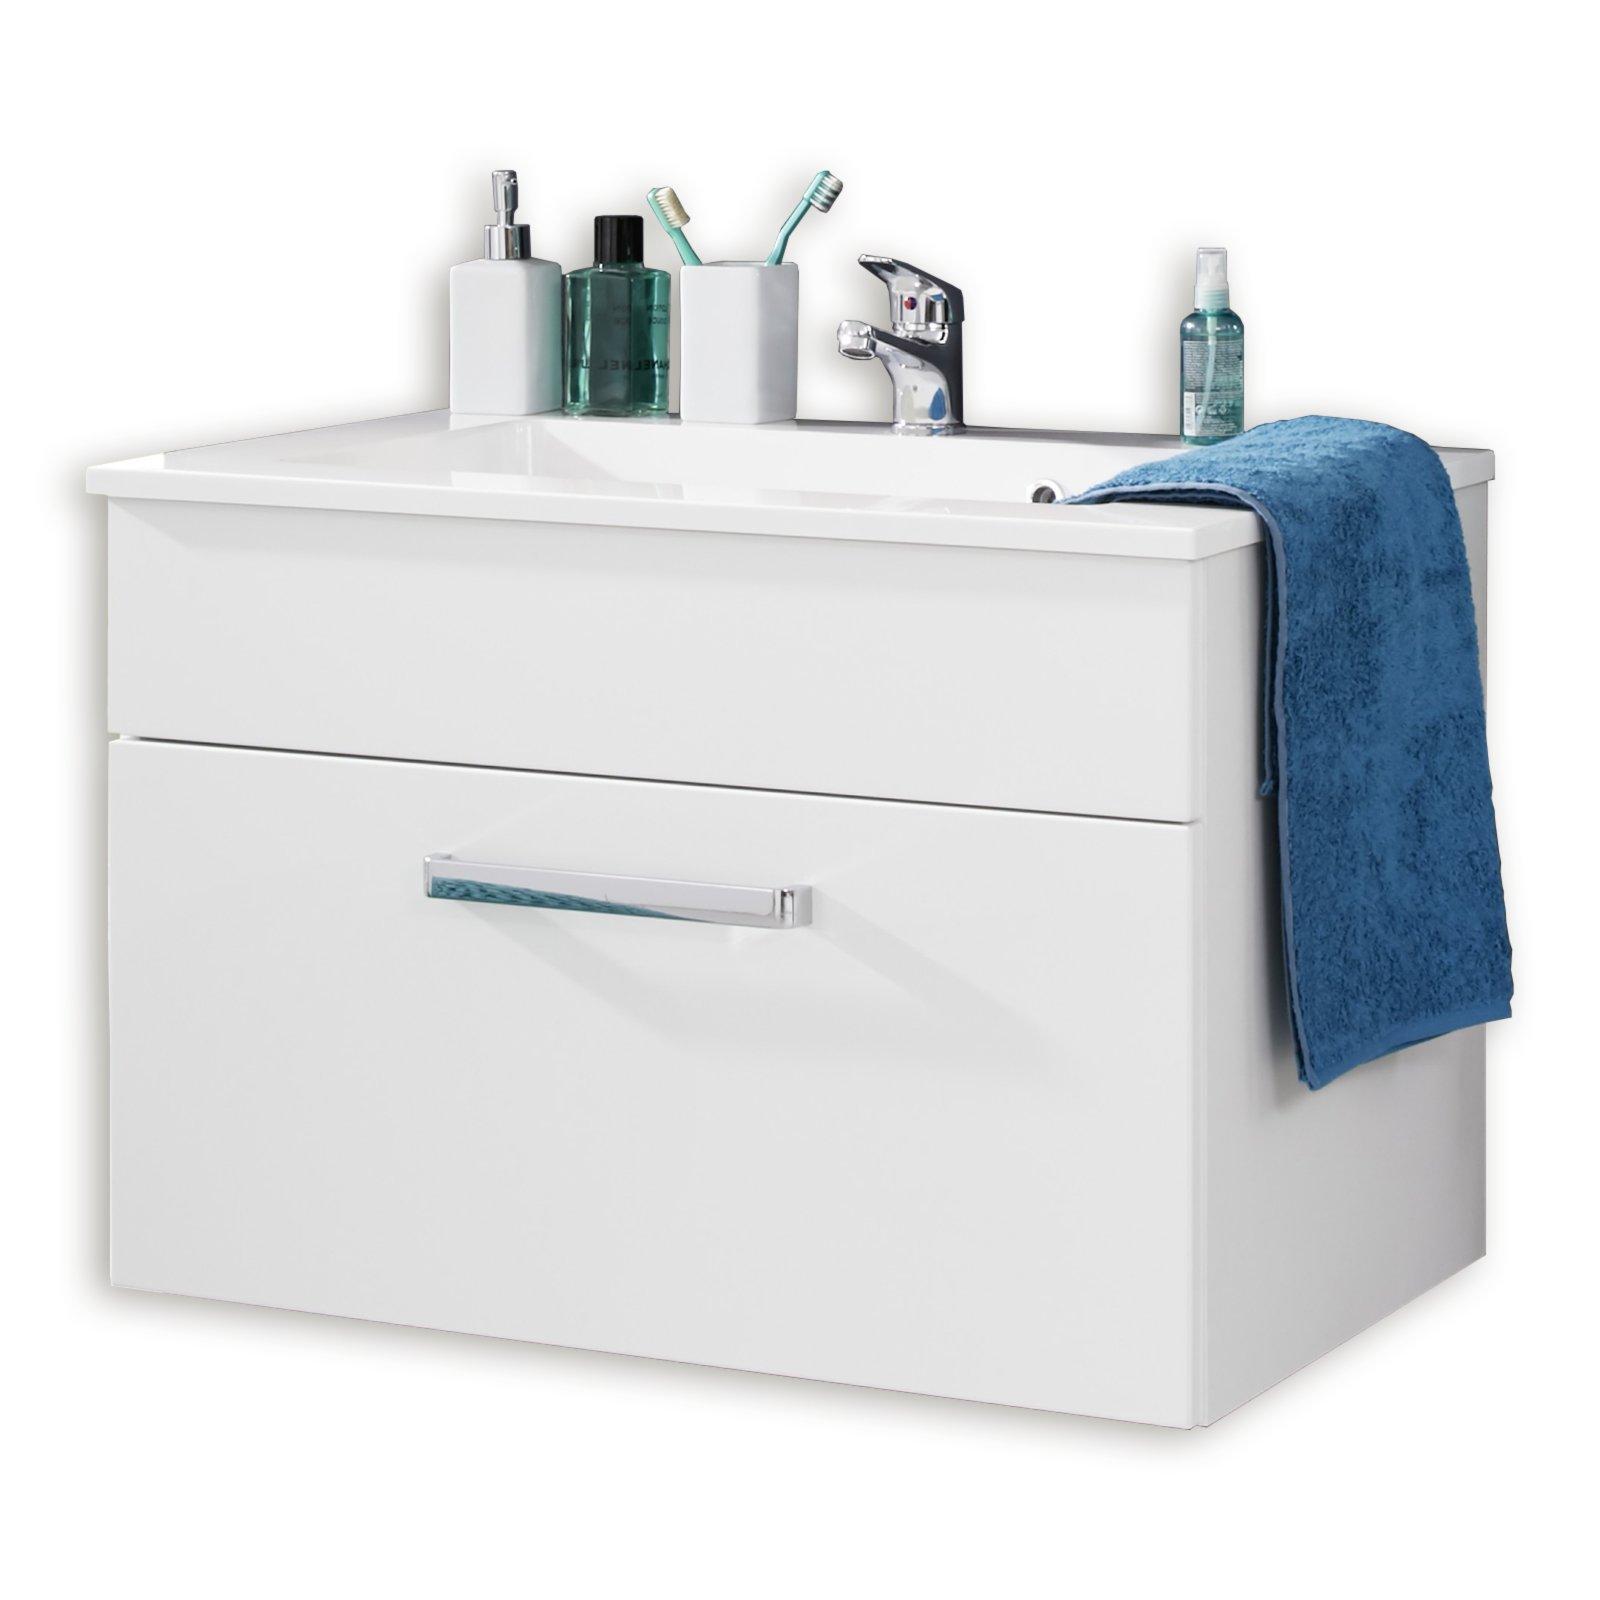 waschbeckenunterschrank adamo wei hochlglanz 81 cm badprogramm adamo badprogramme. Black Bedroom Furniture Sets. Home Design Ideas